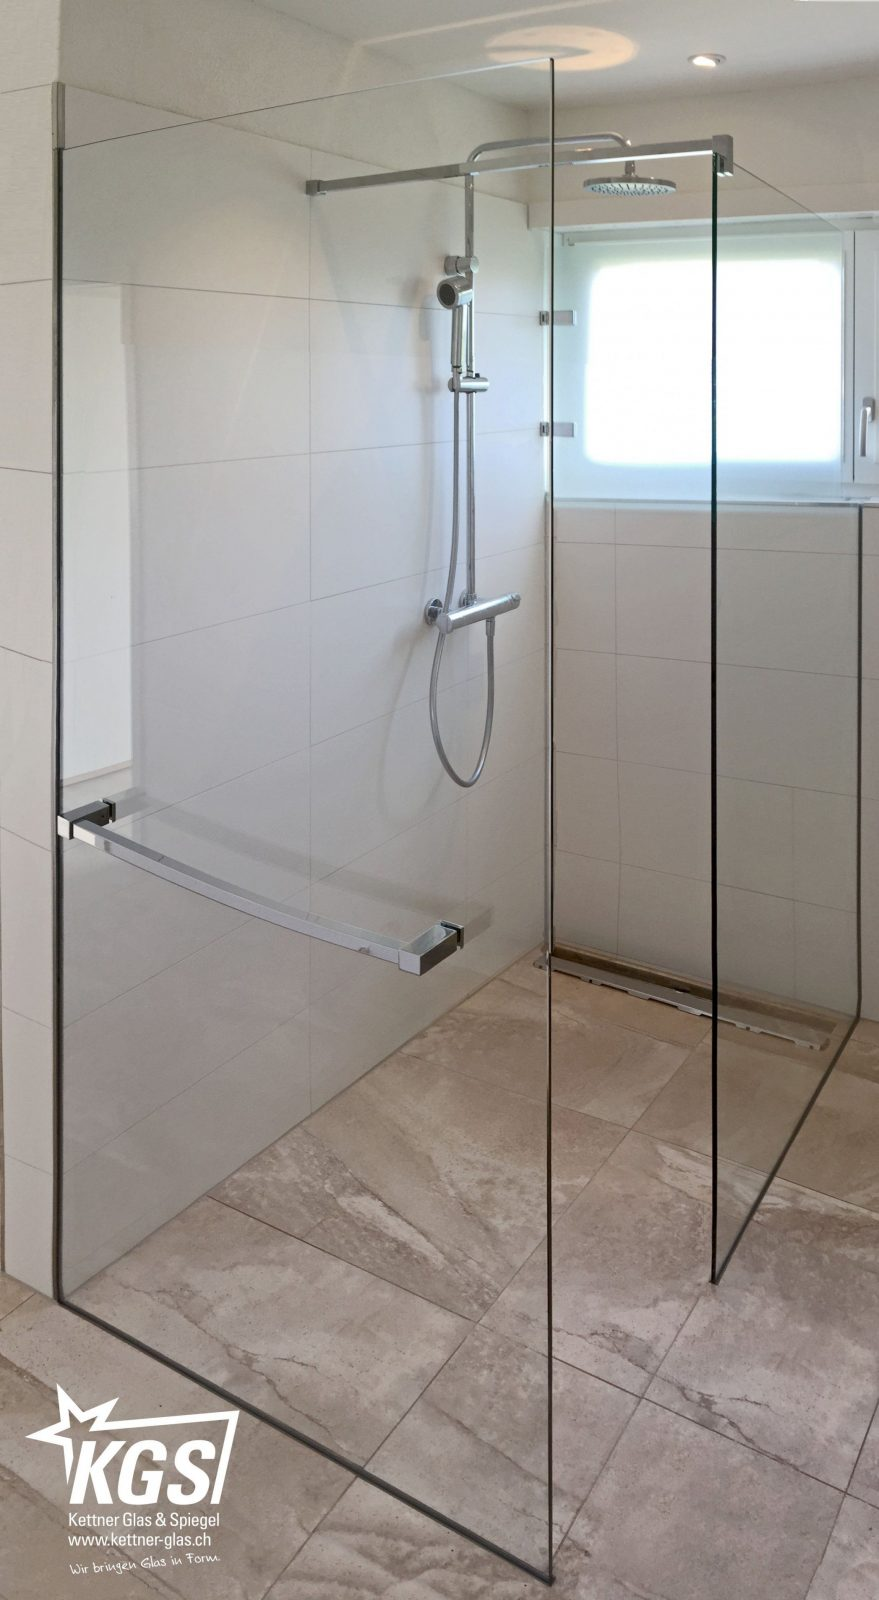 Walkindusche Mit Handtuchhalter  Kgs von Dusche Vorm Fenster Lösung Bild